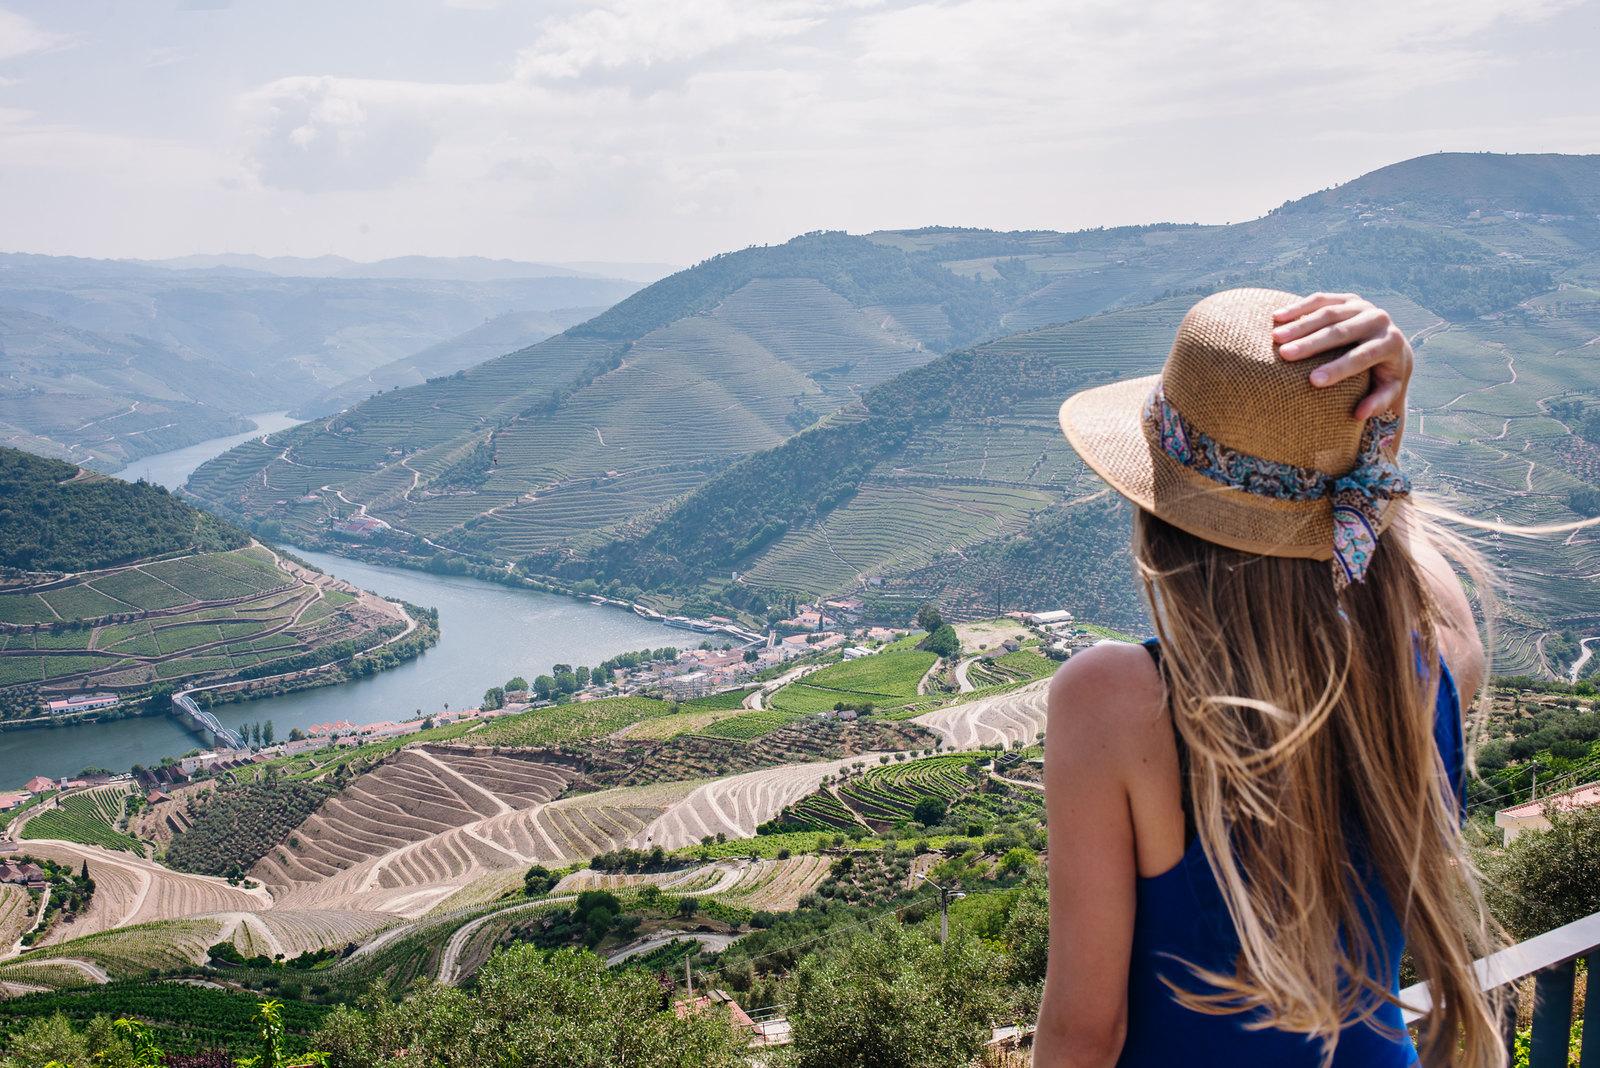 Douro-völgy Portugáliában Pinhao kilátójából